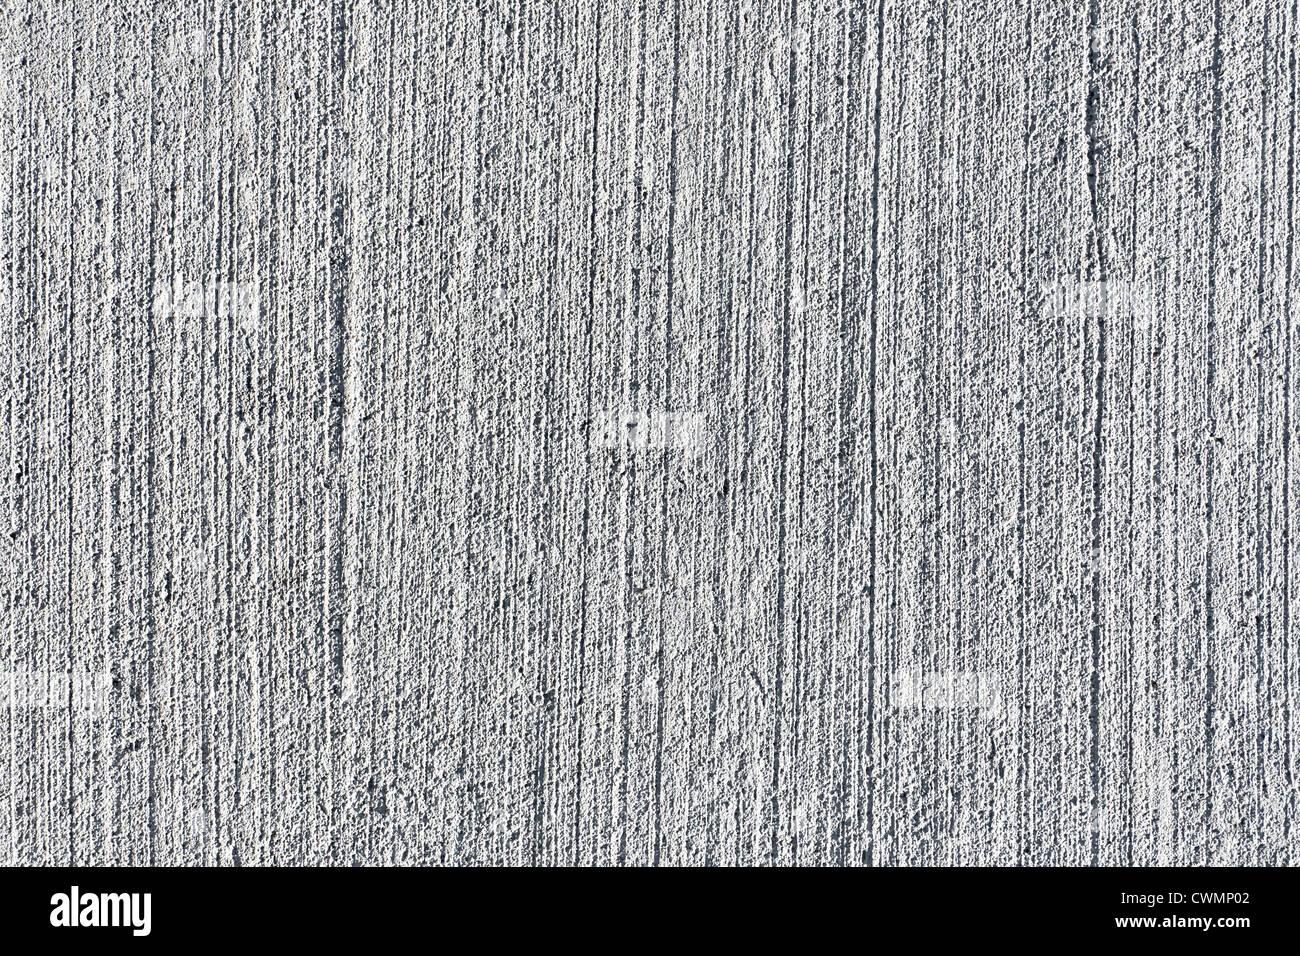 Hintergrund aus Beton mit strukturierter gebürstete Oberfläche Stockbild